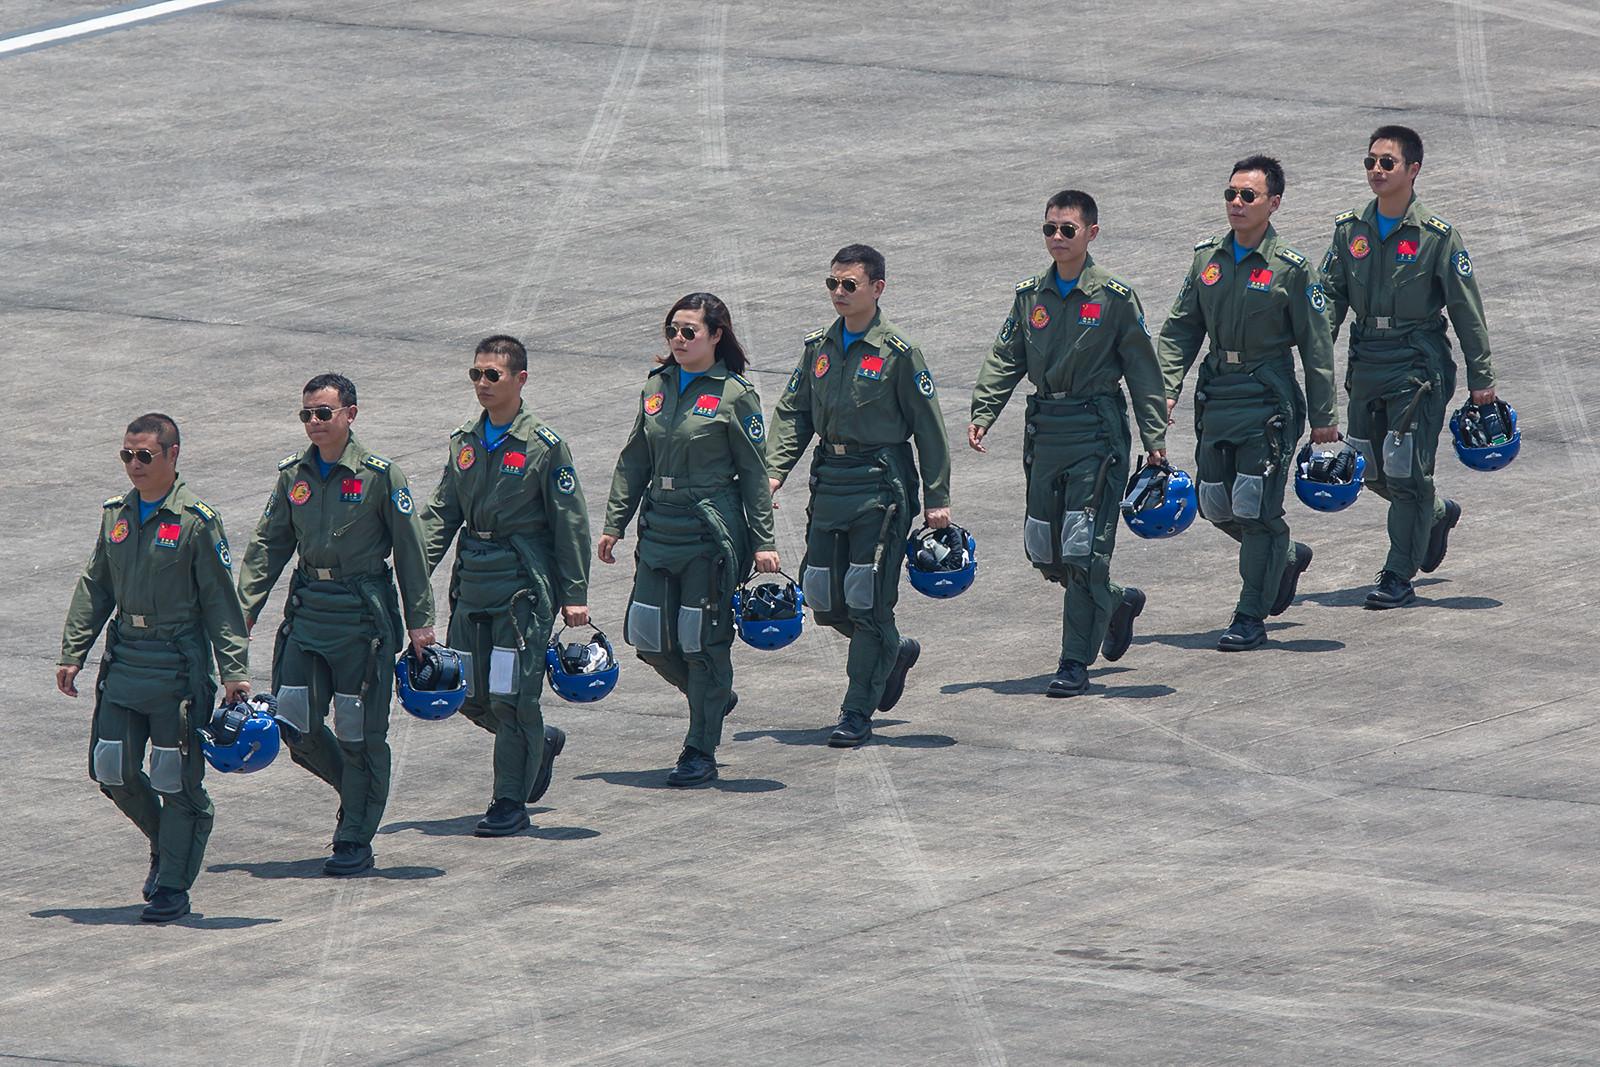 Abgang der Piloten, Nummer 1 ist ein Oberst.